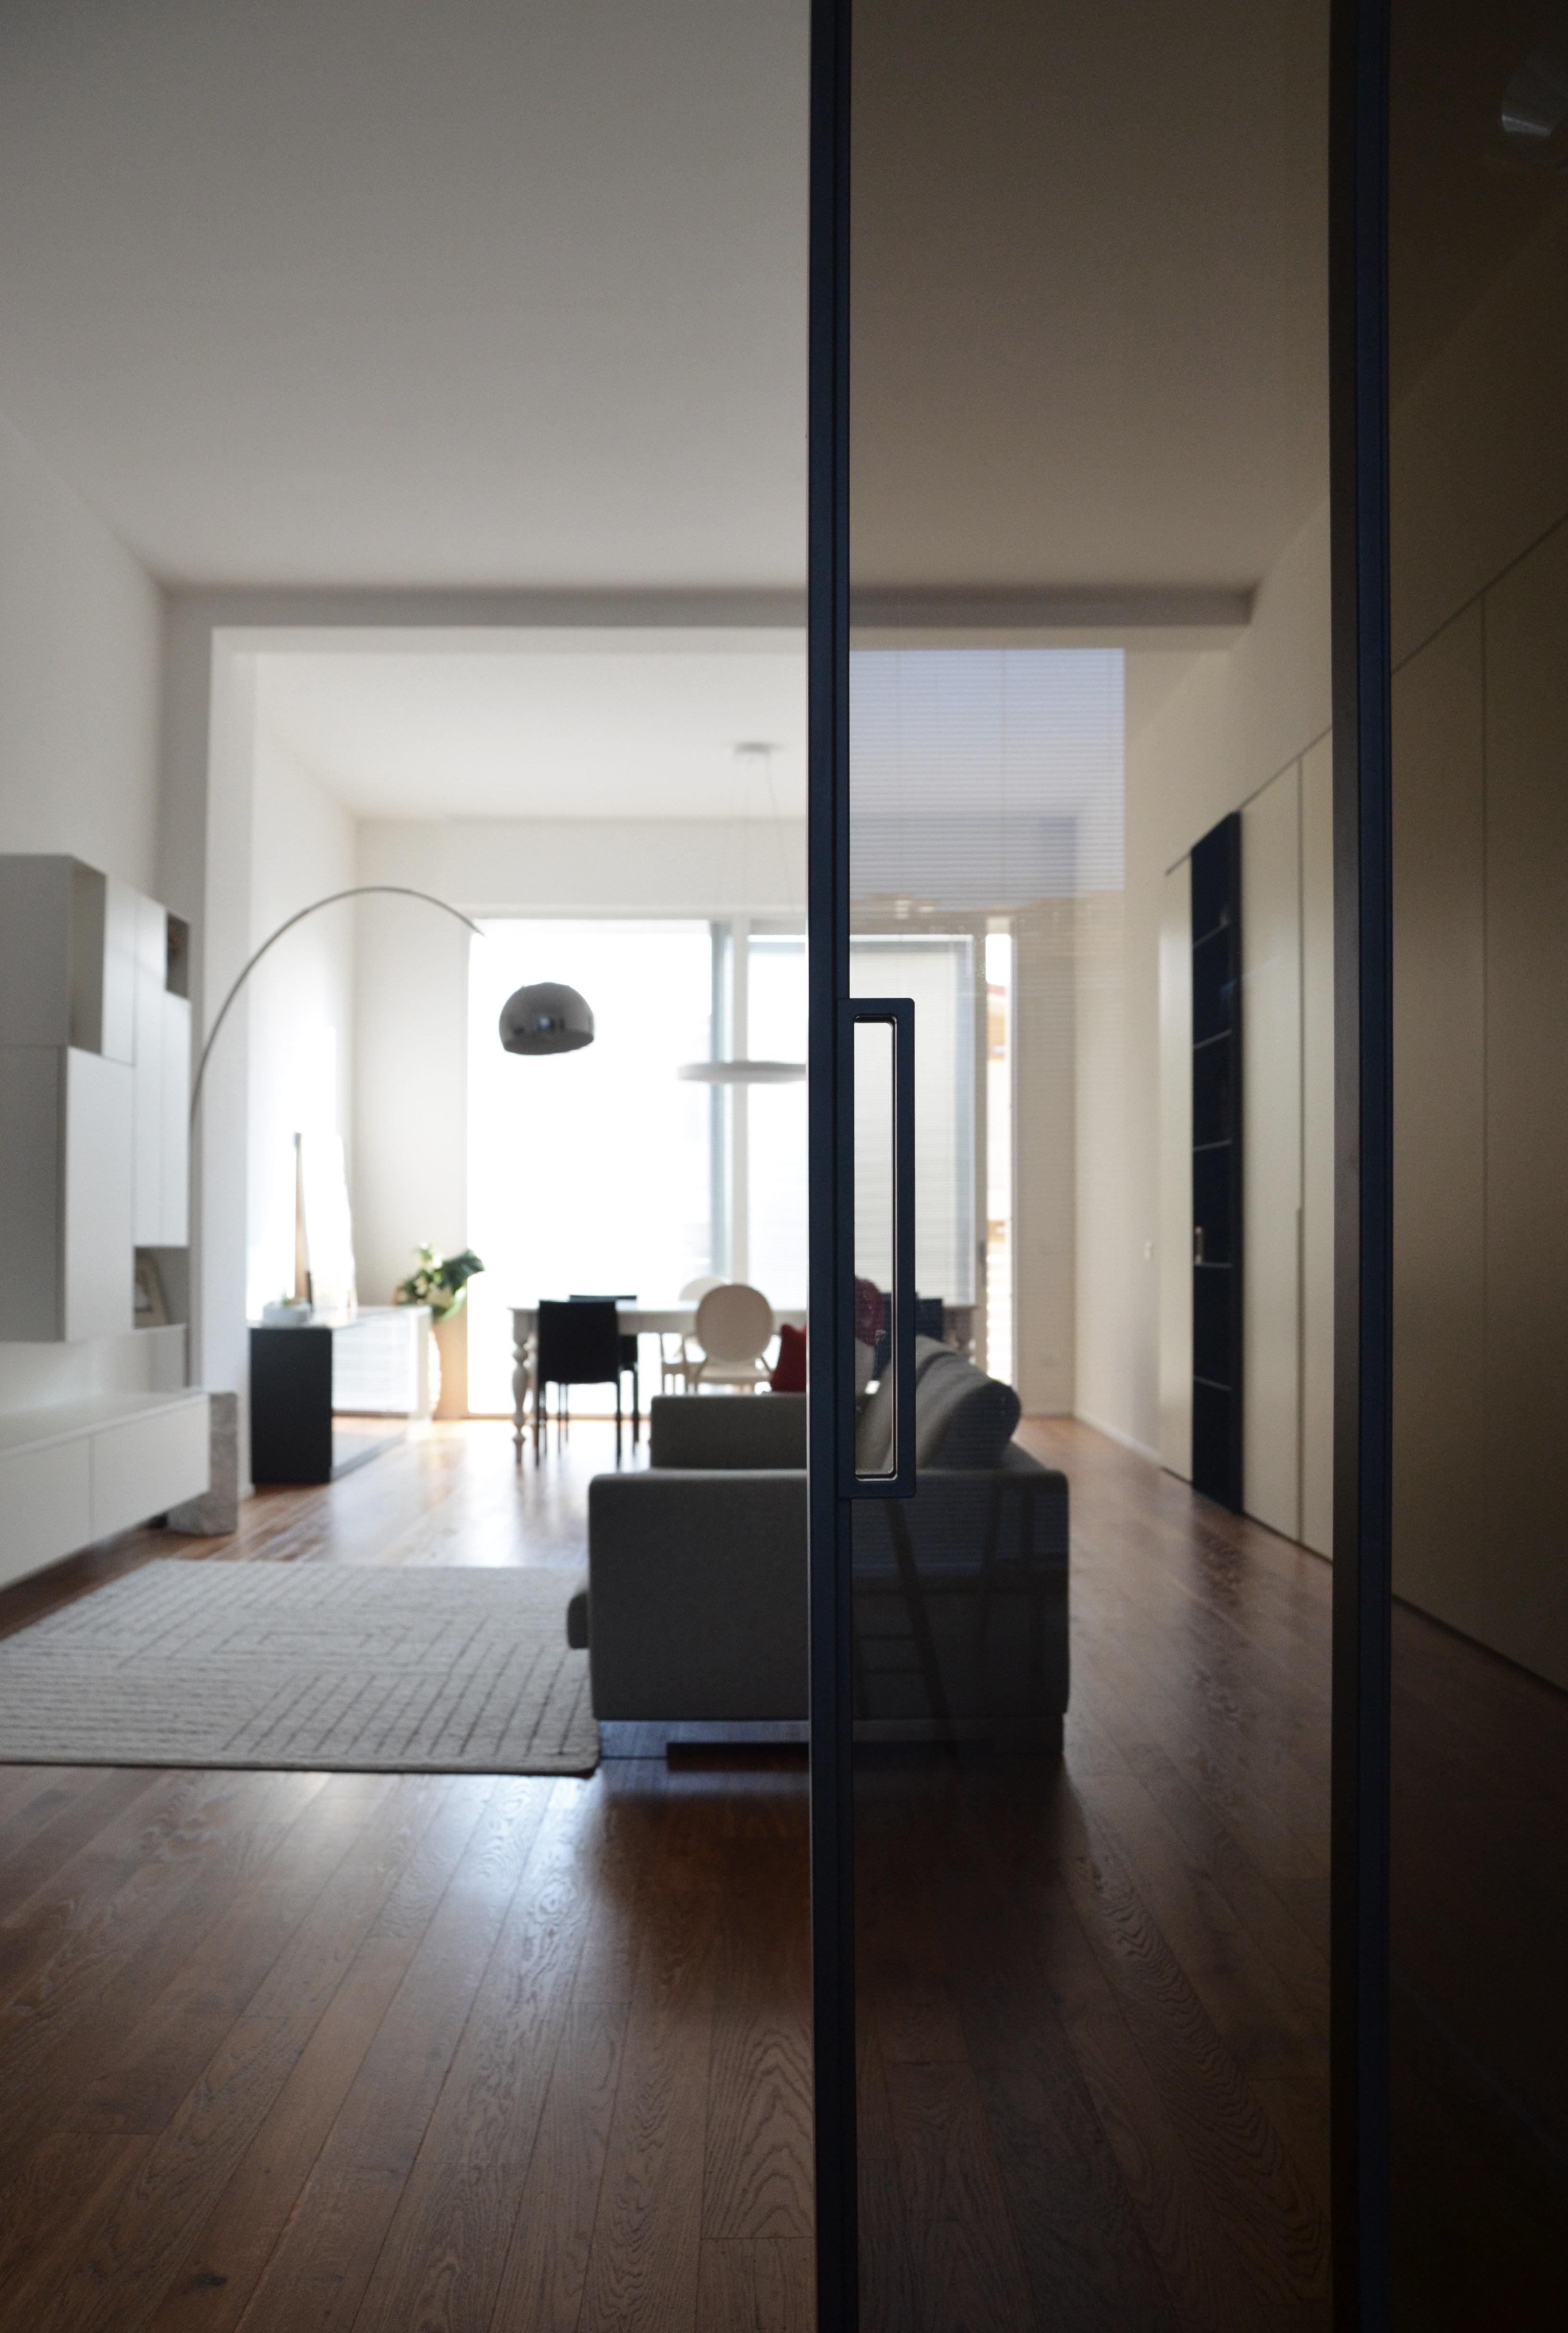 casa MB SR. dalla cucina la zona giorno, living e divani. In primo piano la porta rimadesio.